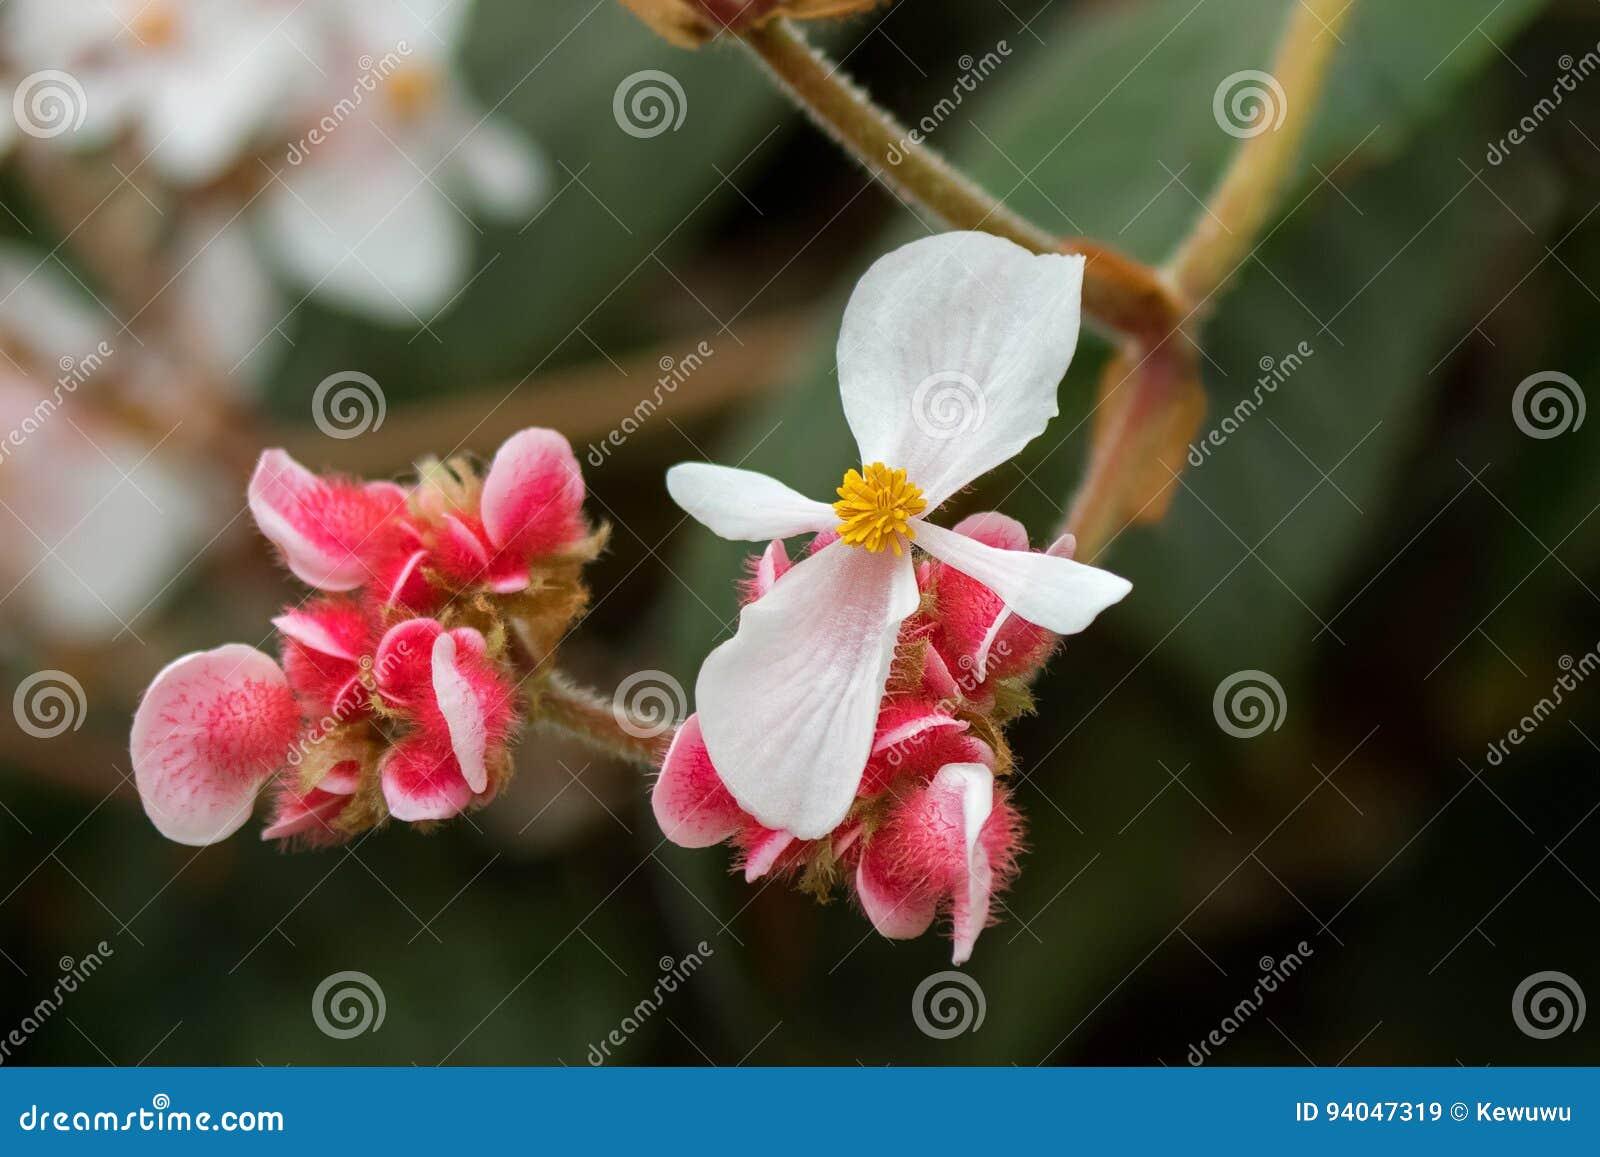 fleur de begonia white avec l'étamine jaune et fleur rose velue